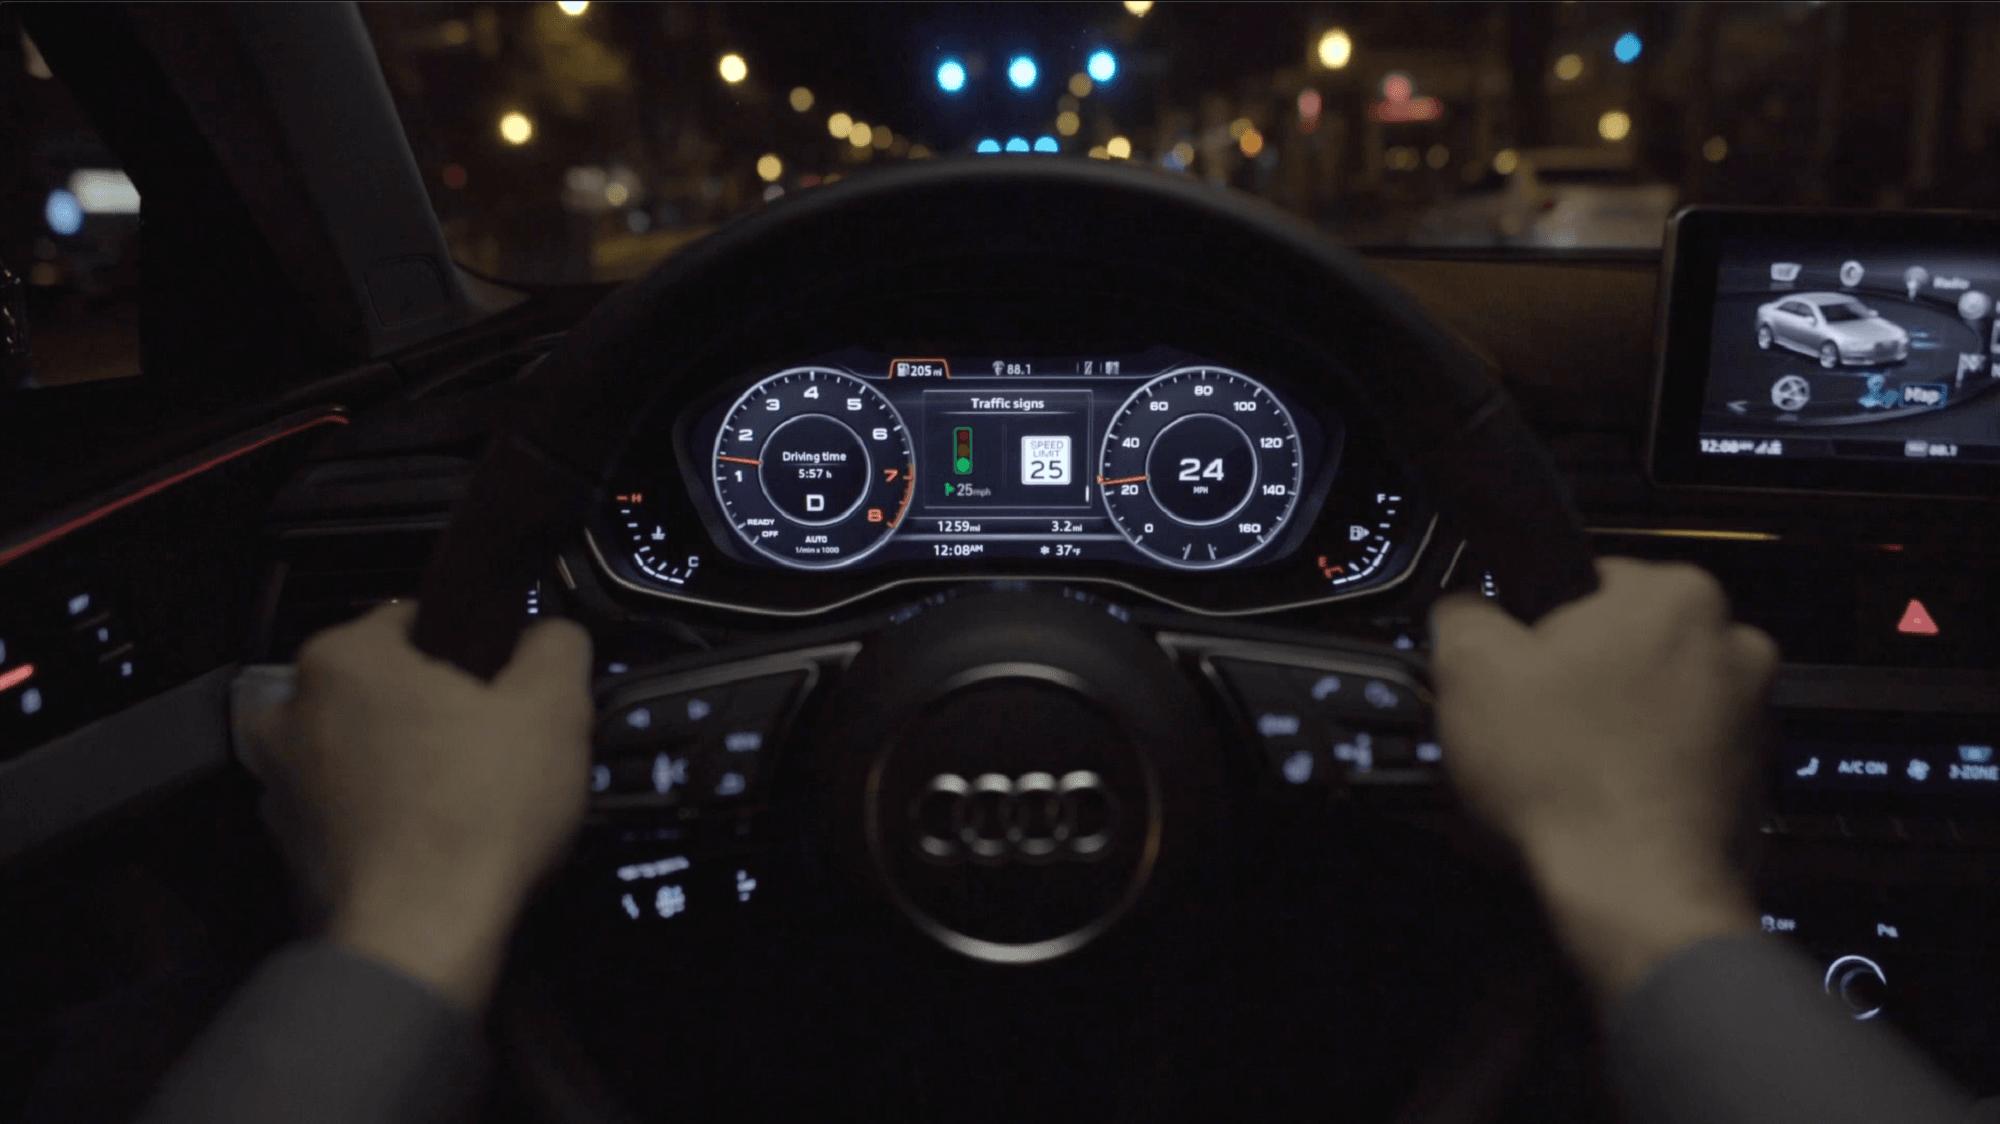 Samochód Audi powie, z jaką prędkością się poruszać, by uniknąć zatrzymywania się na czerwonych światłach